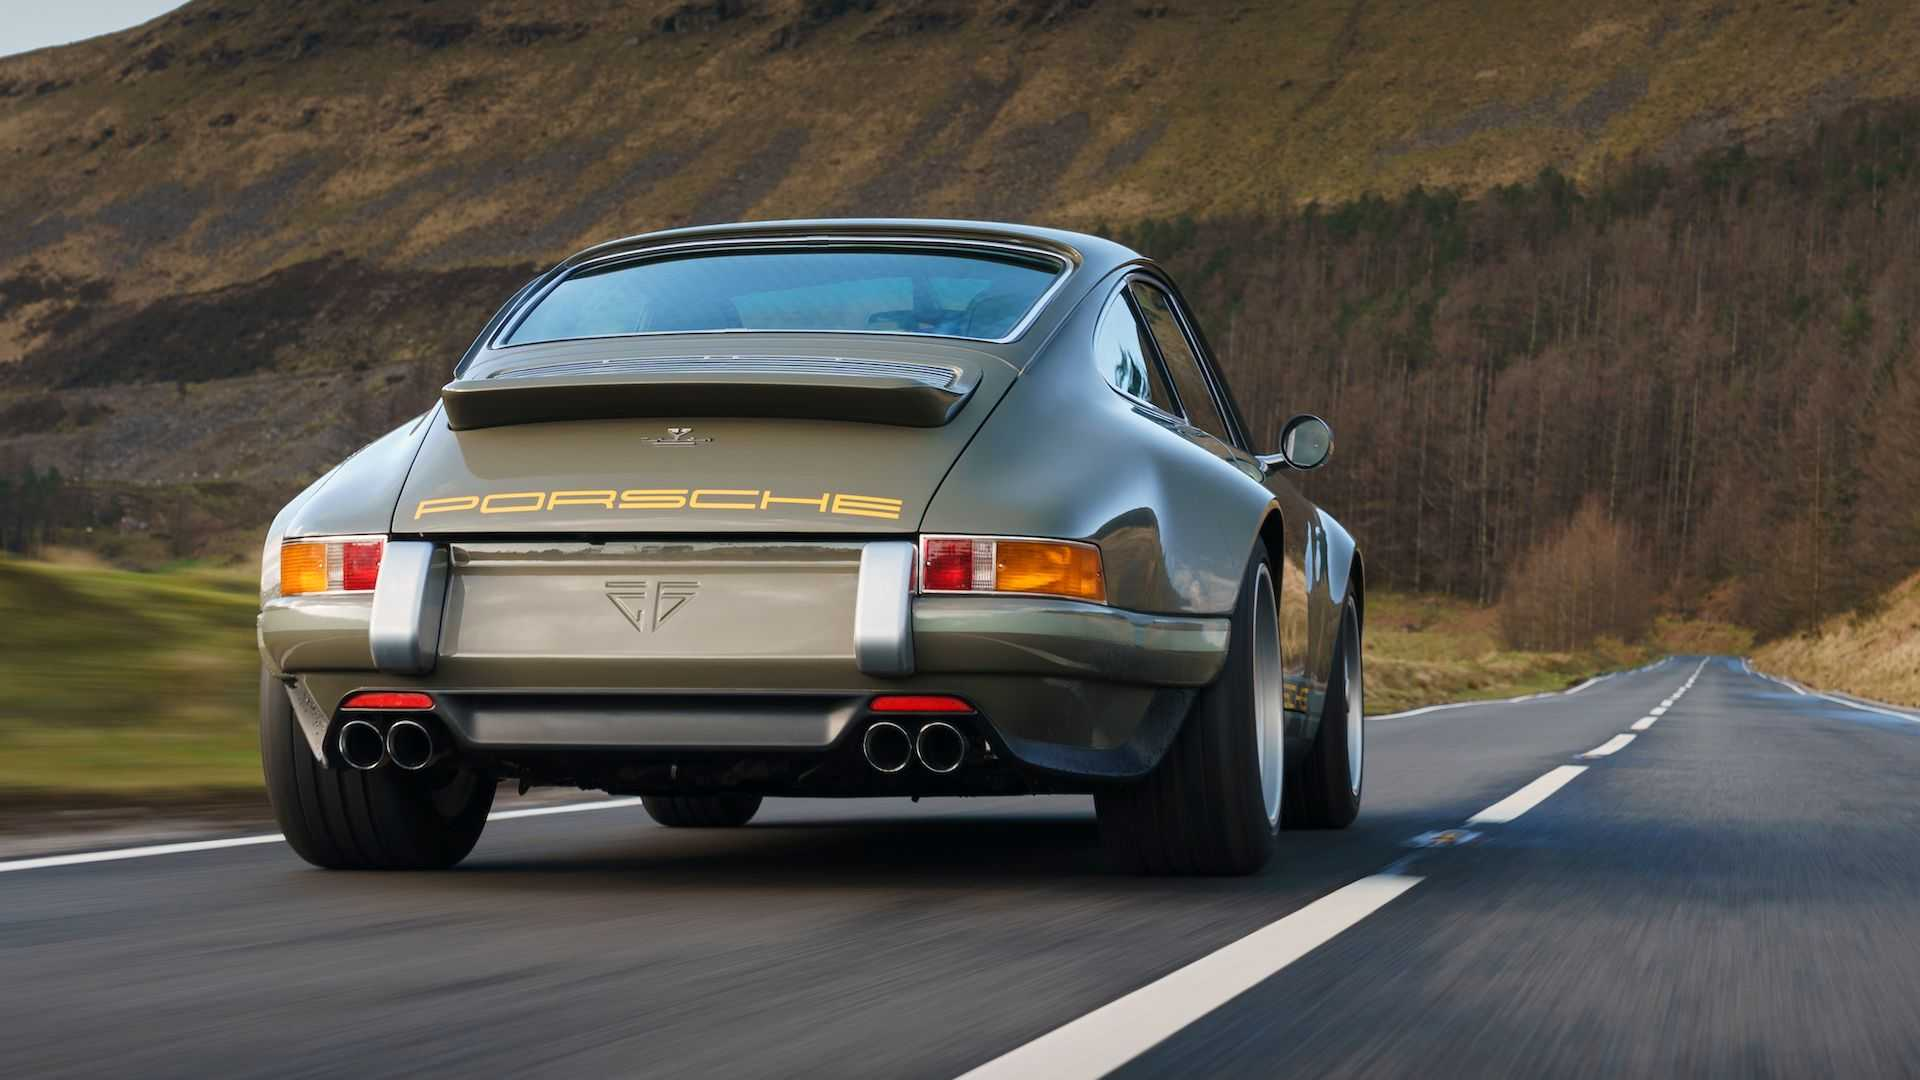 Theon-Design-HK002-Porsche-911-28